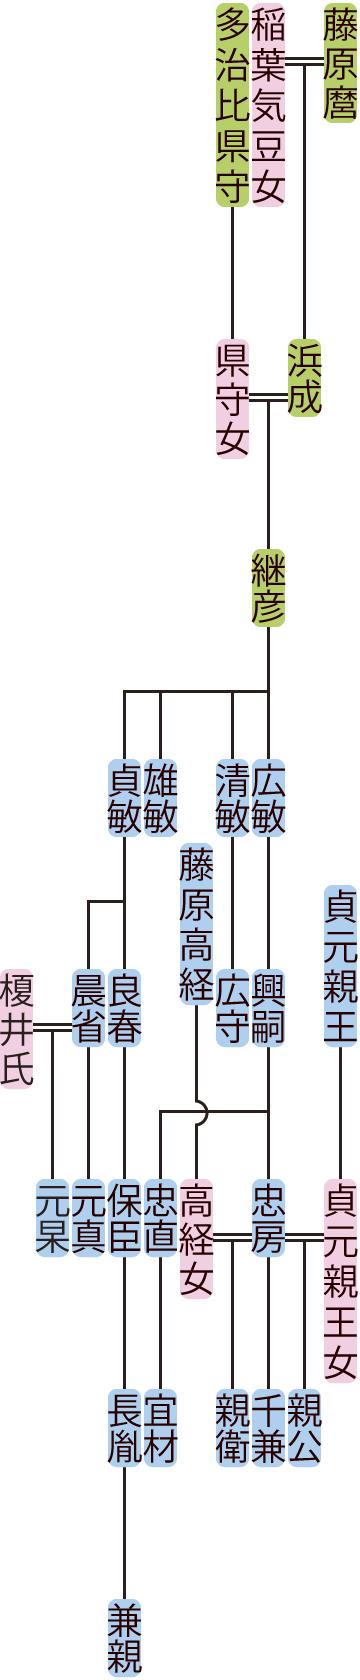 藤原継彦の系図